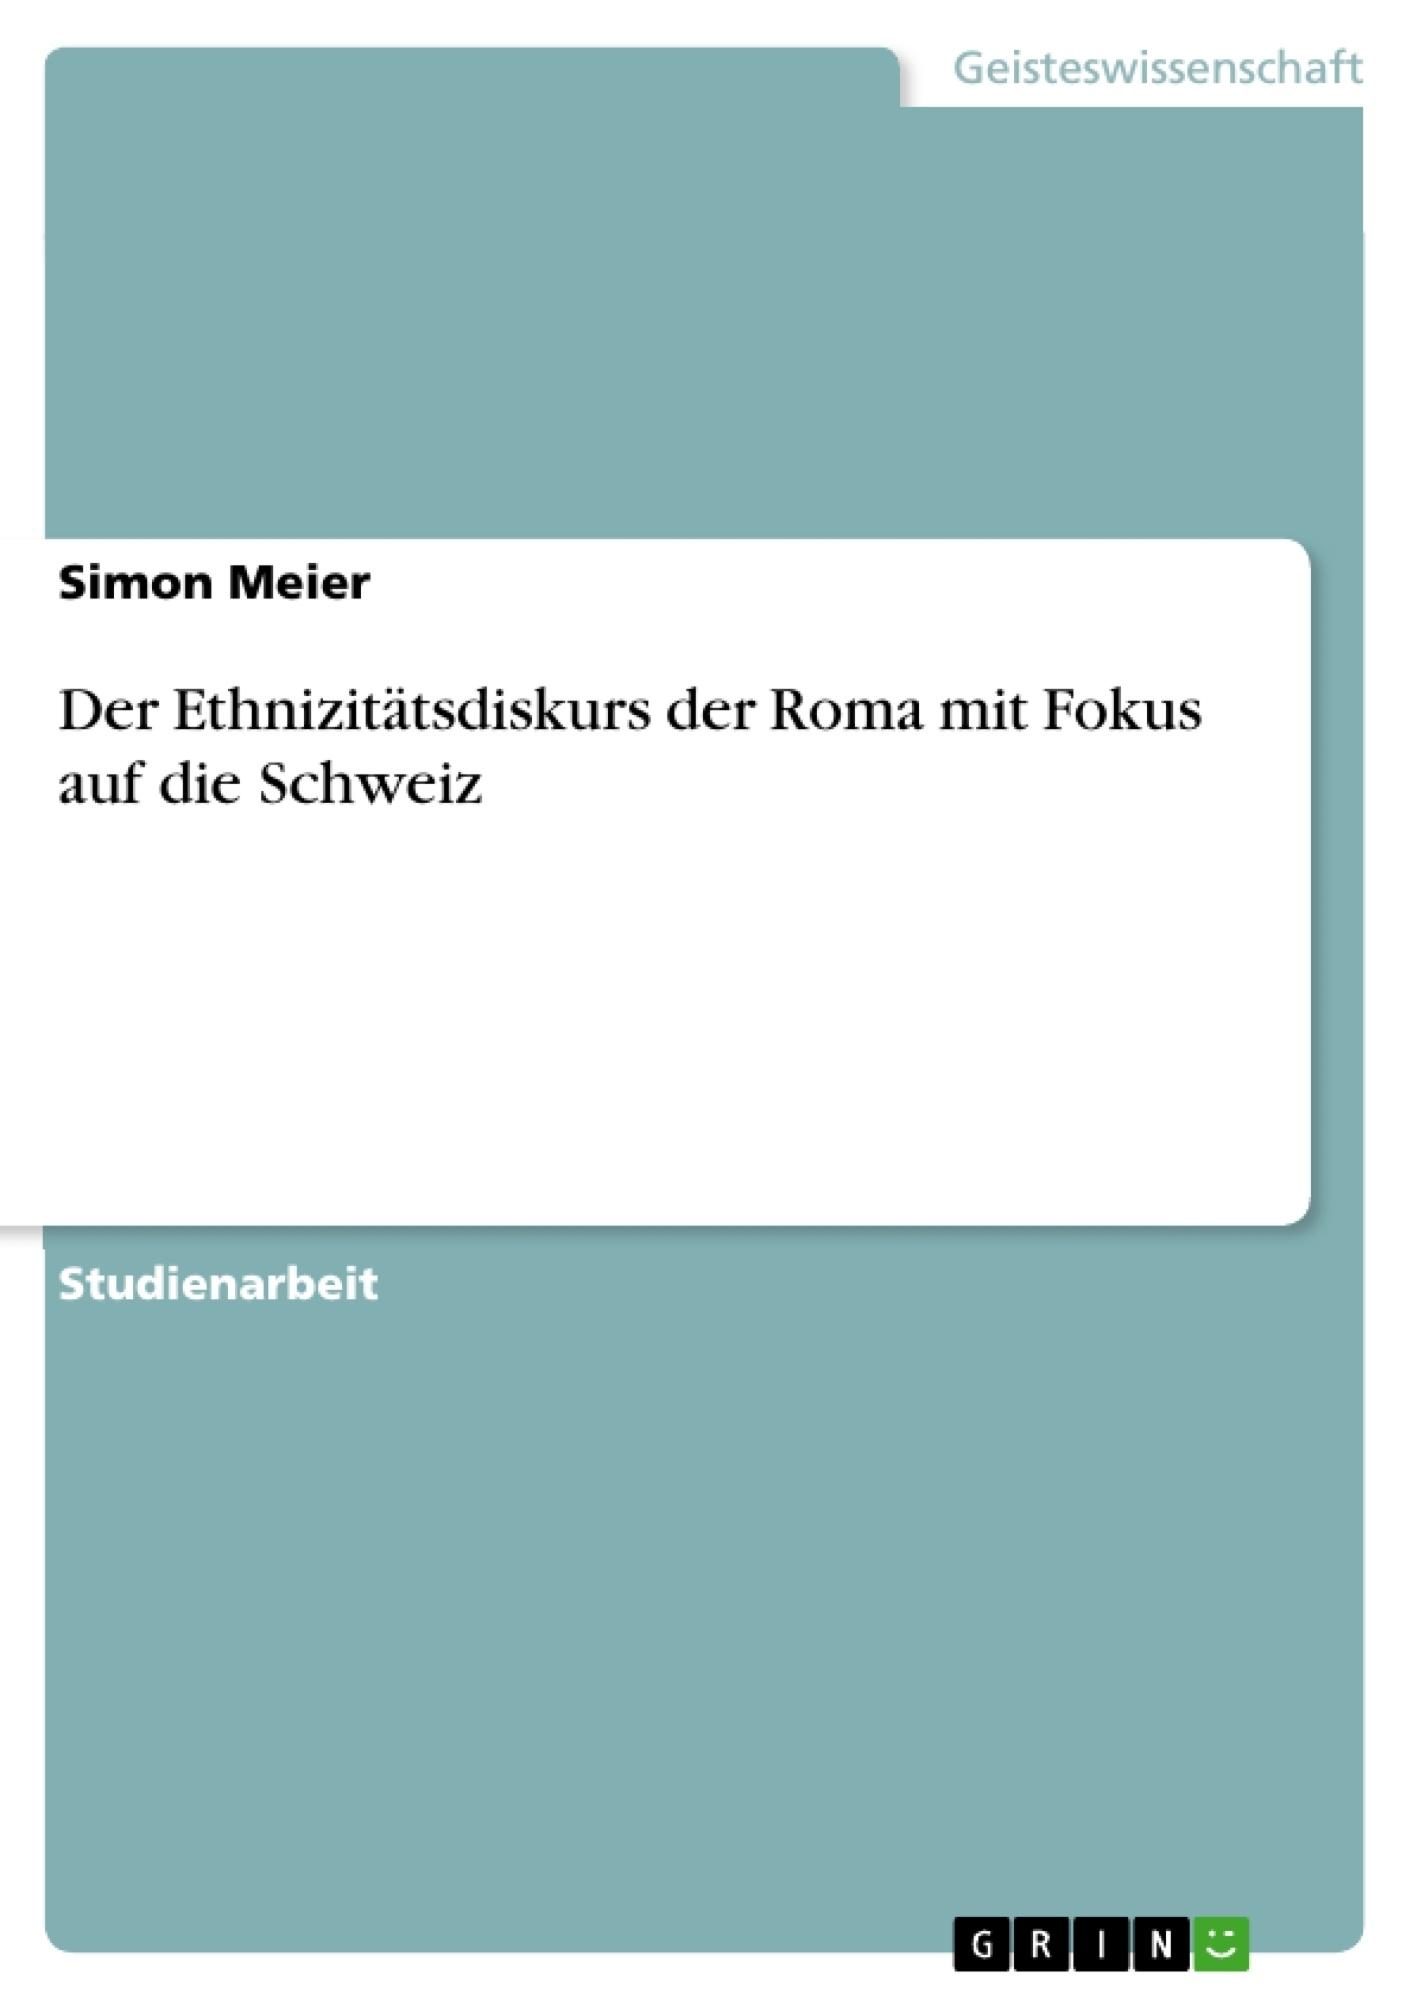 Titel: Der Ethnizitätsdiskurs der Roma mit Fokus auf die Schweiz